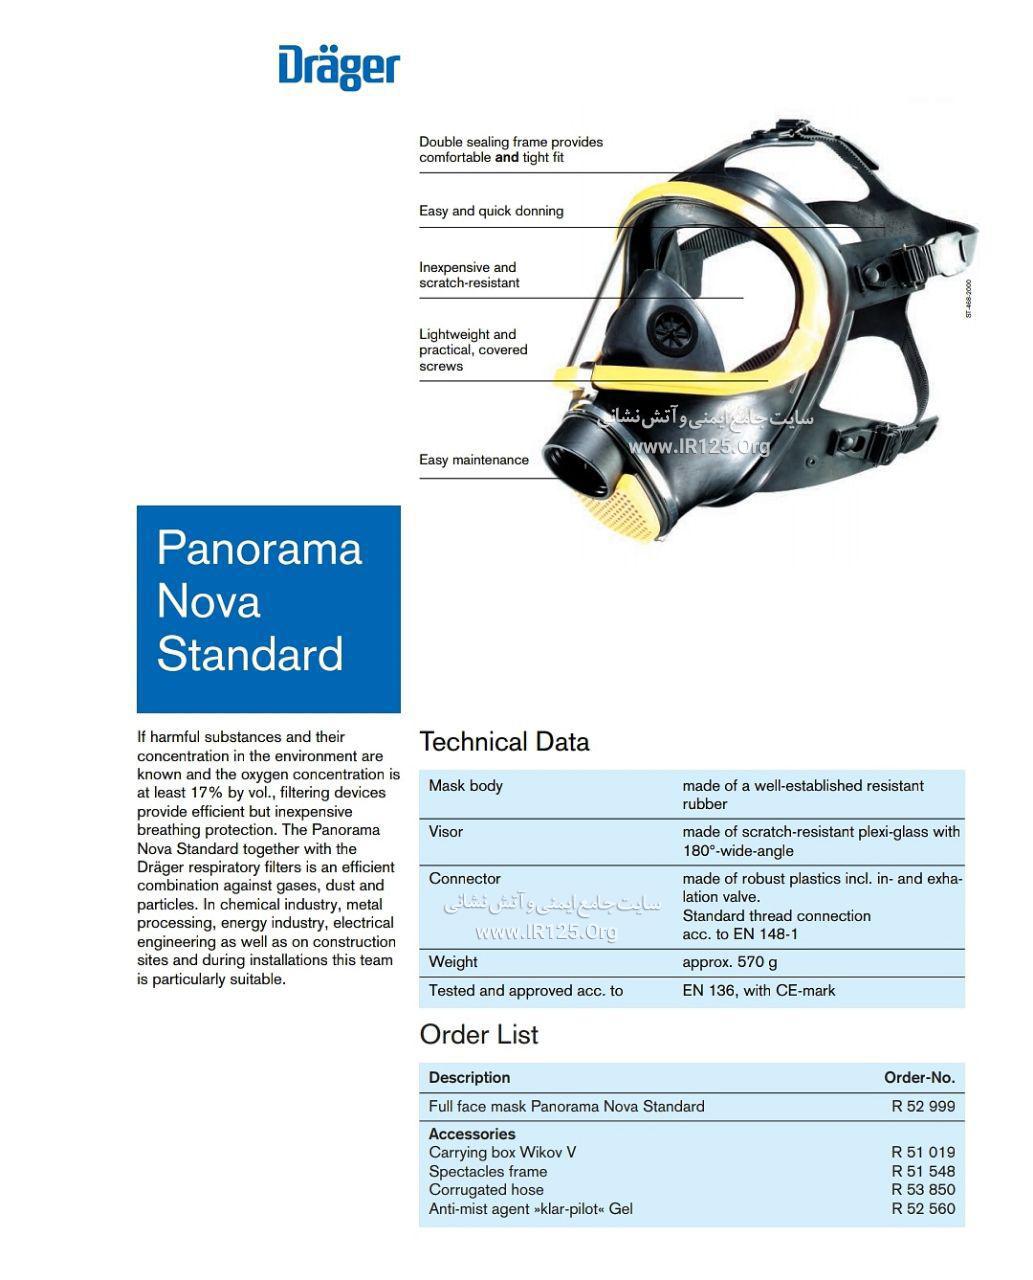 ماسک دستگاه تنفسی دراگر پانوراما